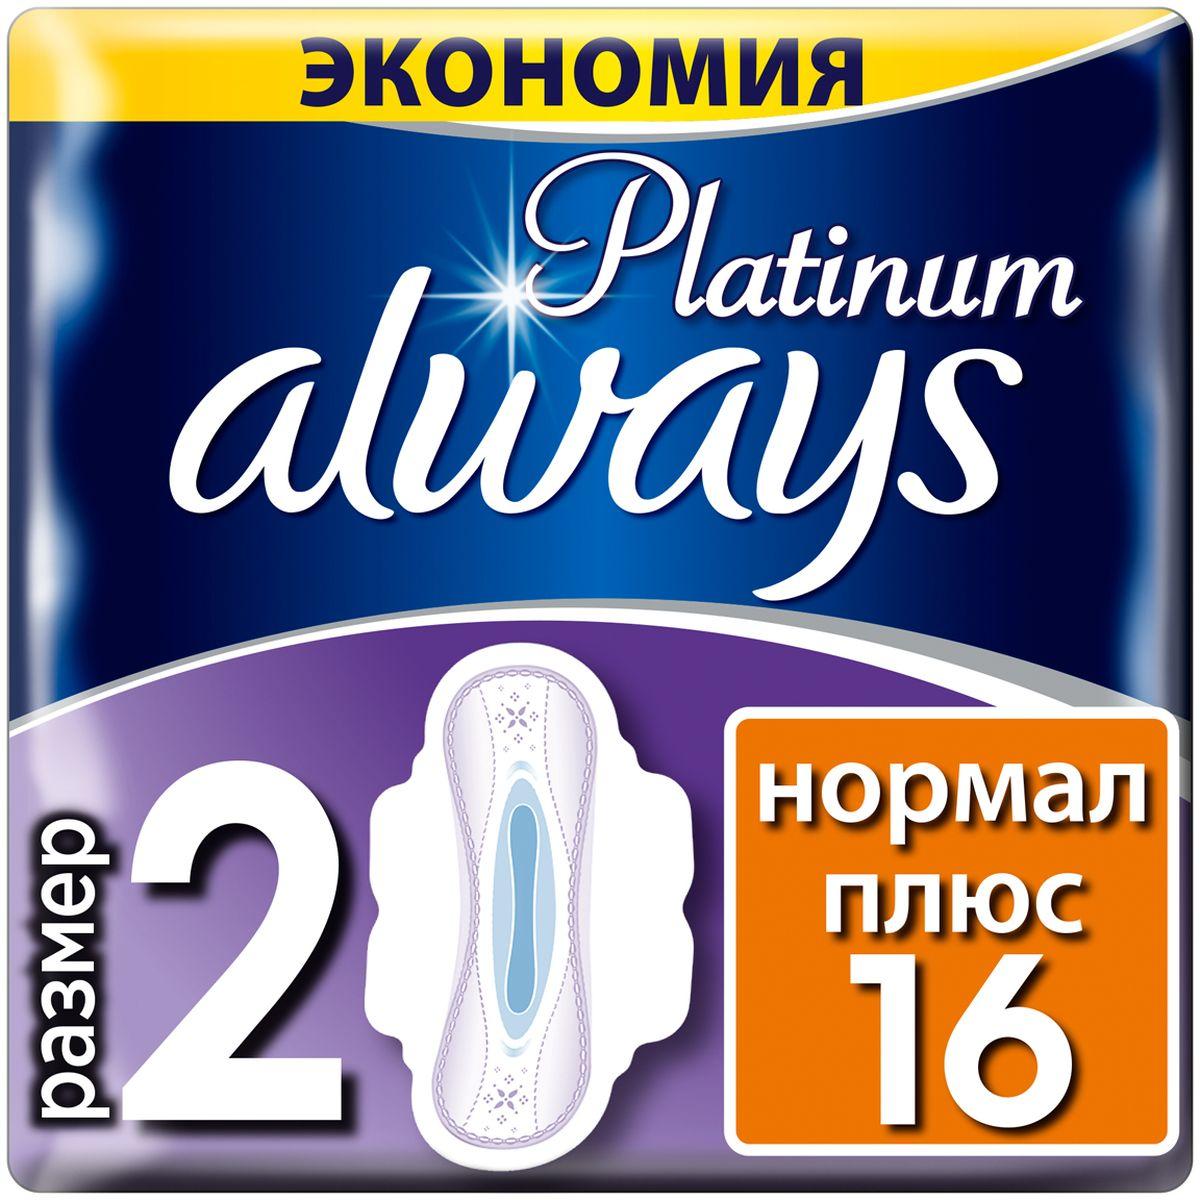 Always Platinum Женские гигиенические прокладки Ultra Normal Plus, 16шт8001090430588Гигиенические прокладки Always Platinum Ultra Normal Plus (размер2) обеспечивают повышенный комфорт и усиленную защиту (по сравнению с Always Ultra). Гигиенические прокладки Always Platinum с 1000 мягких микроподушечек, действующих подобно боковым барьерам, и усовершенствованным центральным слоем обеспечивают лучшую защиту и комфорт от Always. А благодаря технологии нейтрализации запаха эти прокладки запирают неприятный запах, а не маскируют его. Гигиенические прокладки Always Platinum толщиной всего 3мм дарят невероятное ощущение защиты и комфорта во время менструации. Больше не нужно идти на компромисс. Always Platinum дарят оптимальное сочетание защиты и комфорта. Попробуйте Always Platinum Ultra Night (размер4)- лучшие гигиенические прокладки Always Platinum для защиты в ночное время.